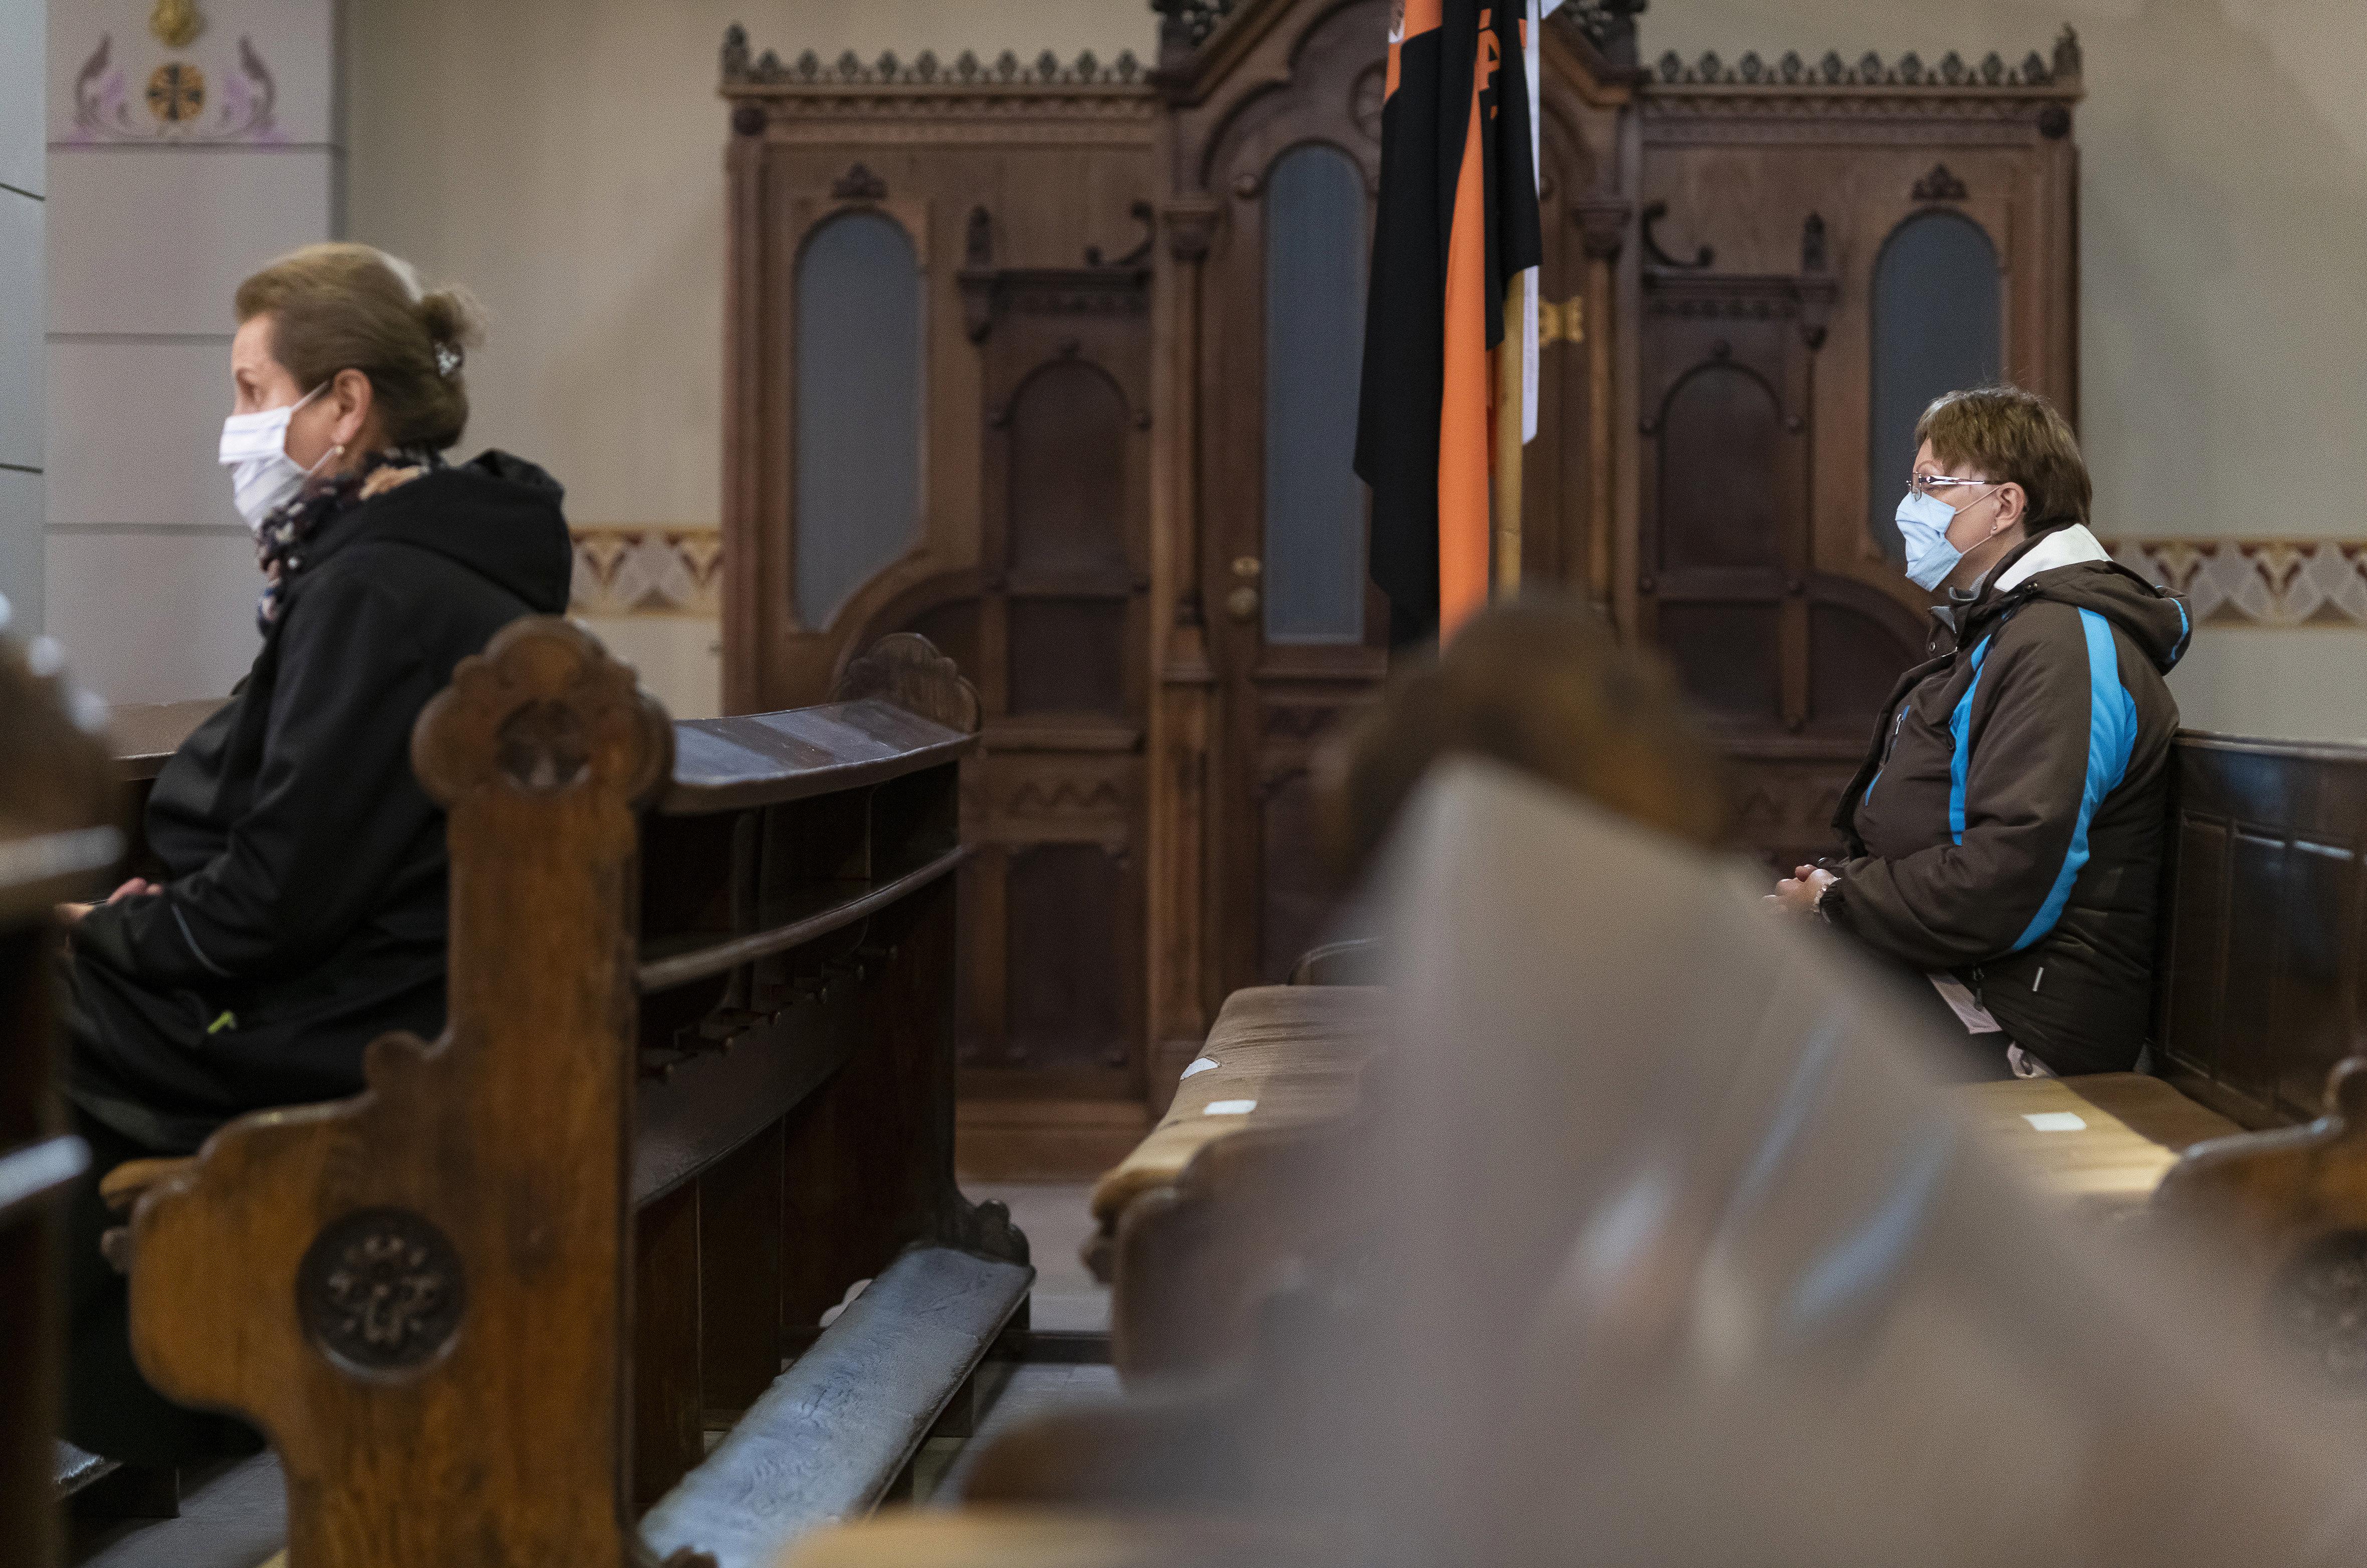 Holnaptól Budapesten is tartanak miséket, az időseknek sem kell otthon maradniuk